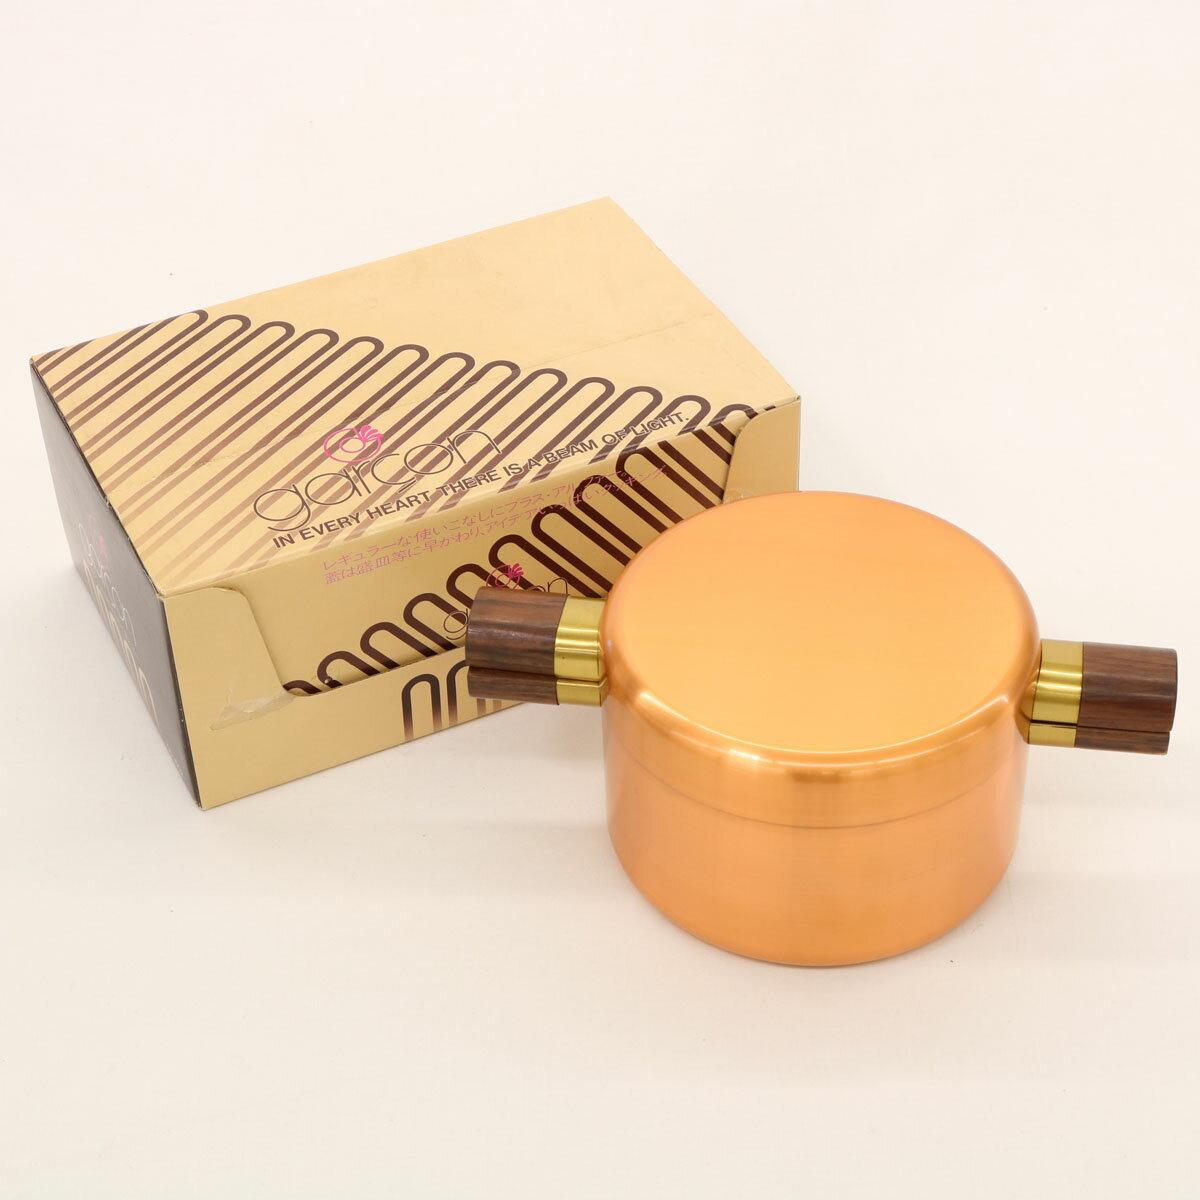 【中古】美品☆新光金属 ギャルソンシリーズ copper100 純銅標準型両手鍋 16cm ☆ 21108-KY0119